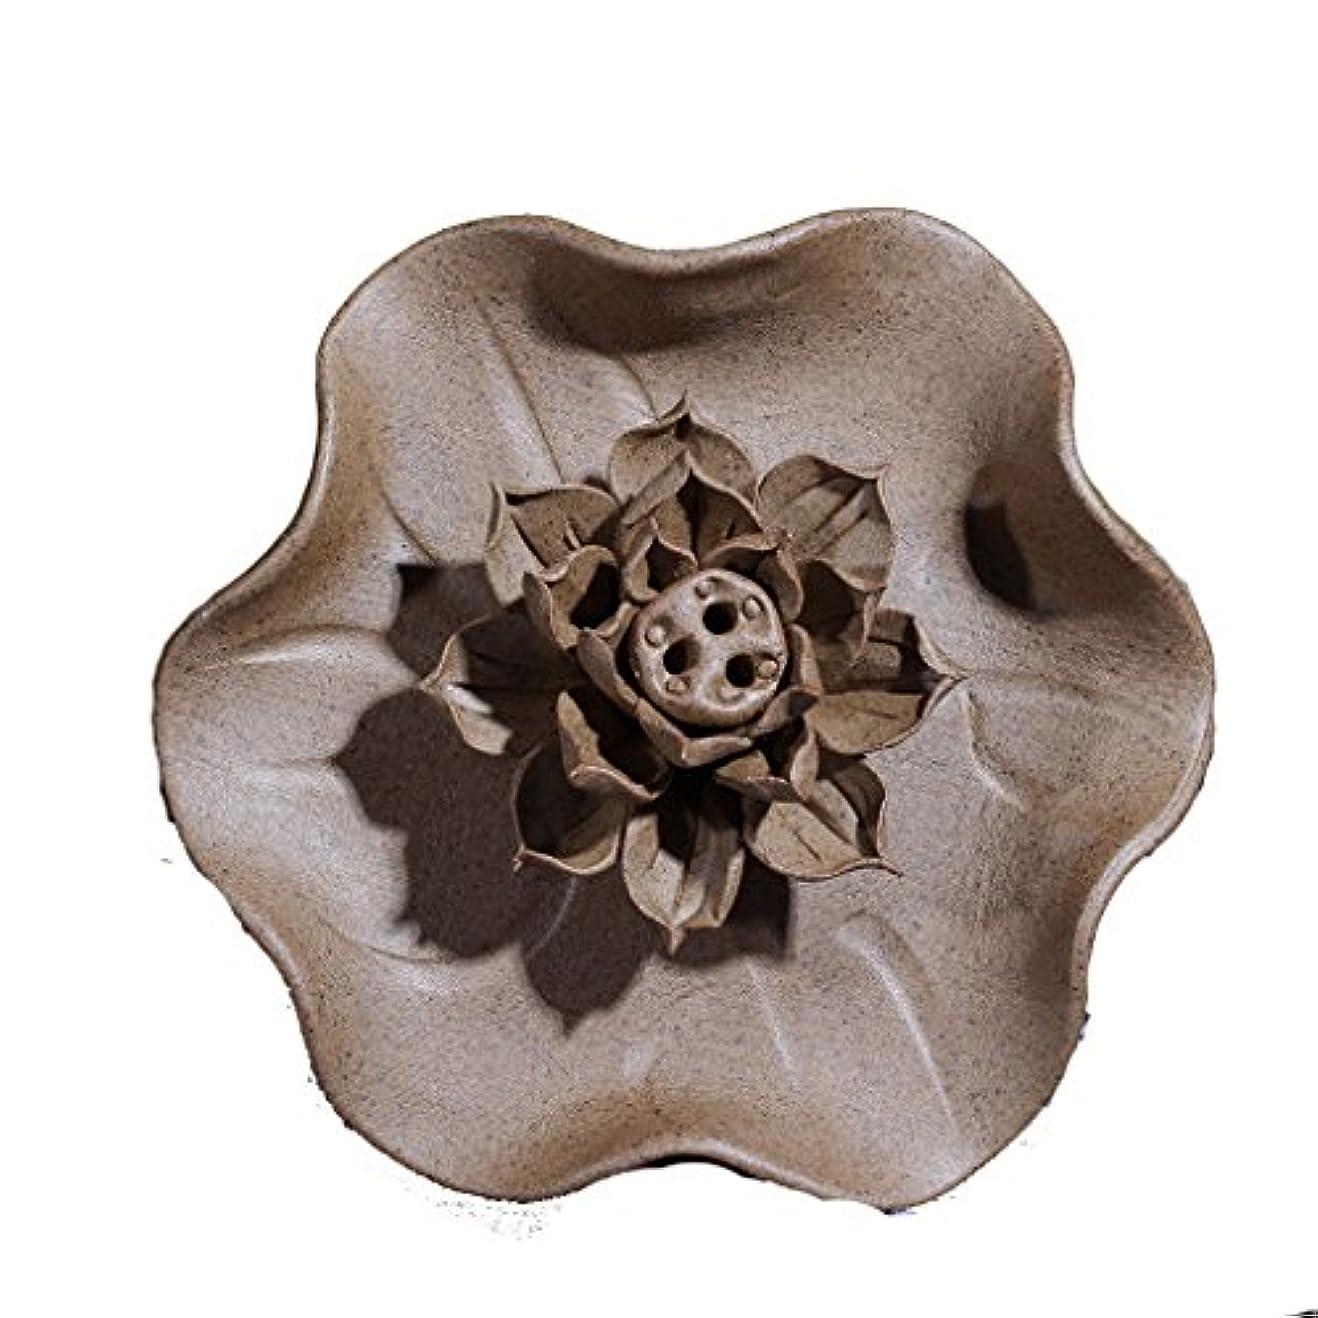 訪問ブリッジふける(ラシューバー) Lasuiveur 香炉 線香立て 香立て 職人さんの手作り 茶道用品 おしゃれ  木製 透かし彫り